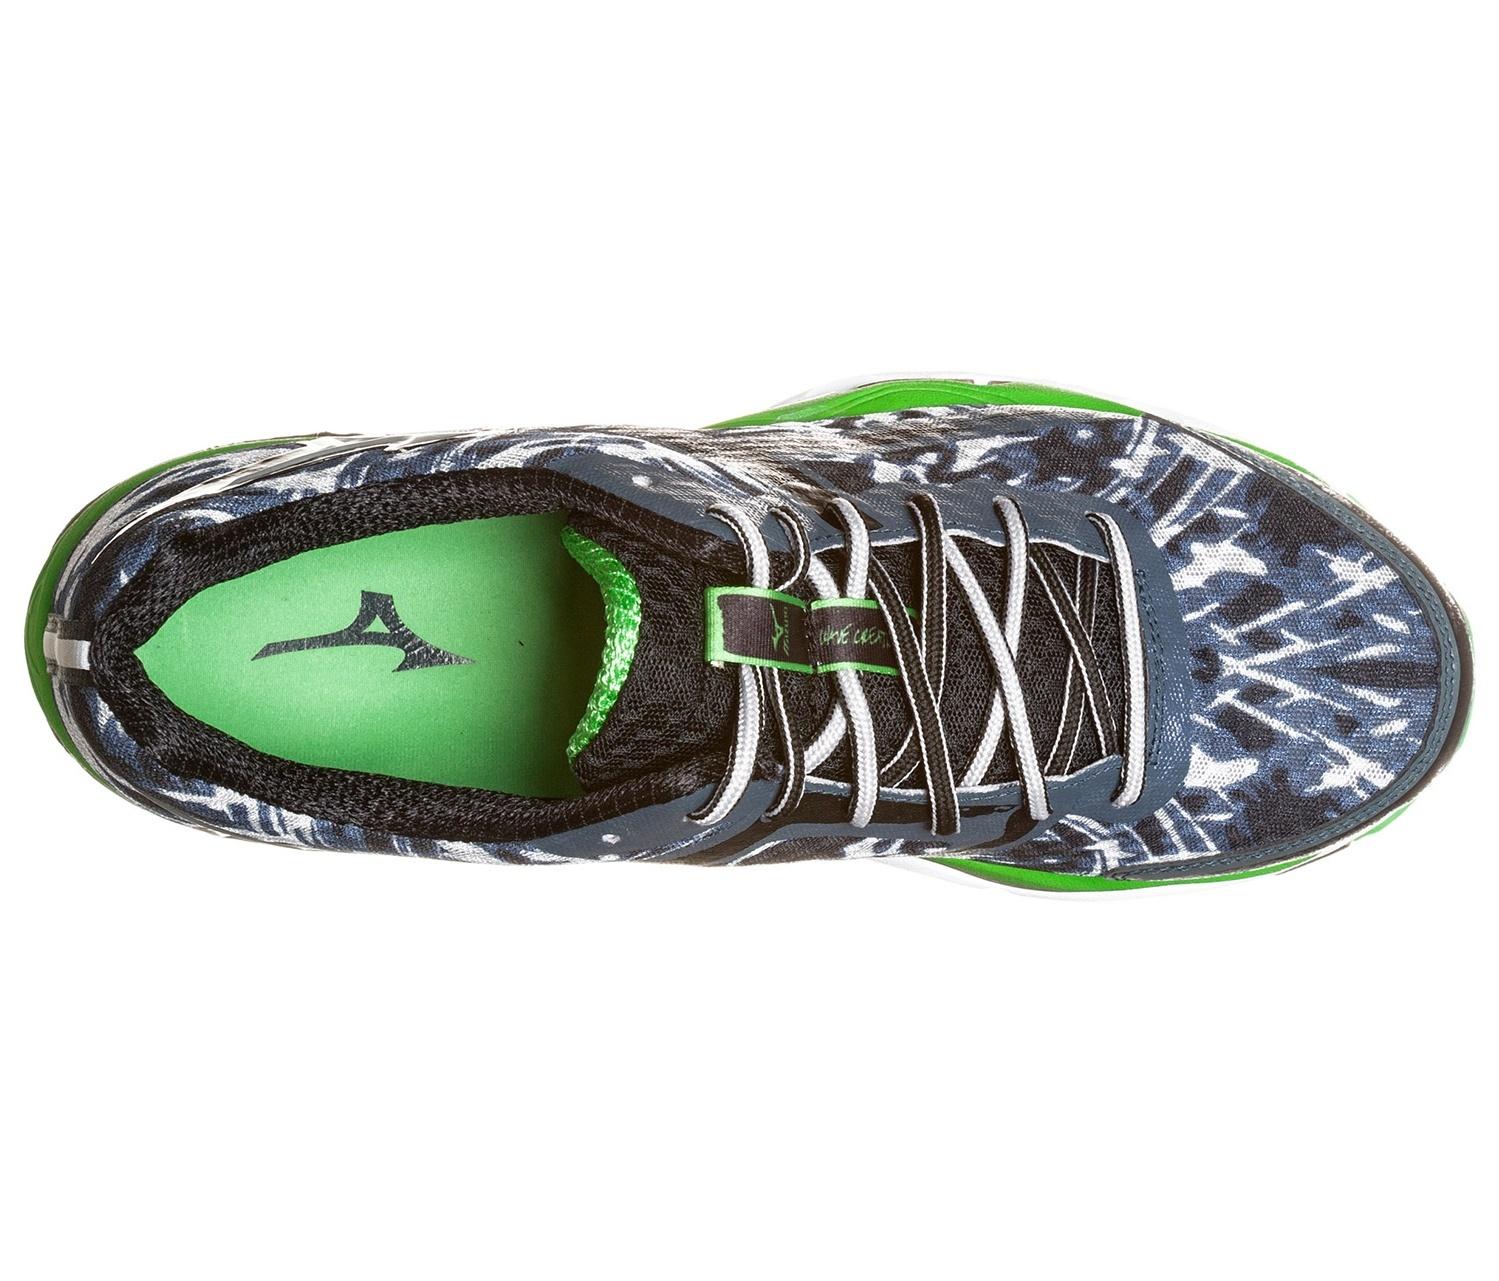 Мужские кроссовки для бега Mizuno Wave Creation 15 (J1GC1401 02)  фото сверху